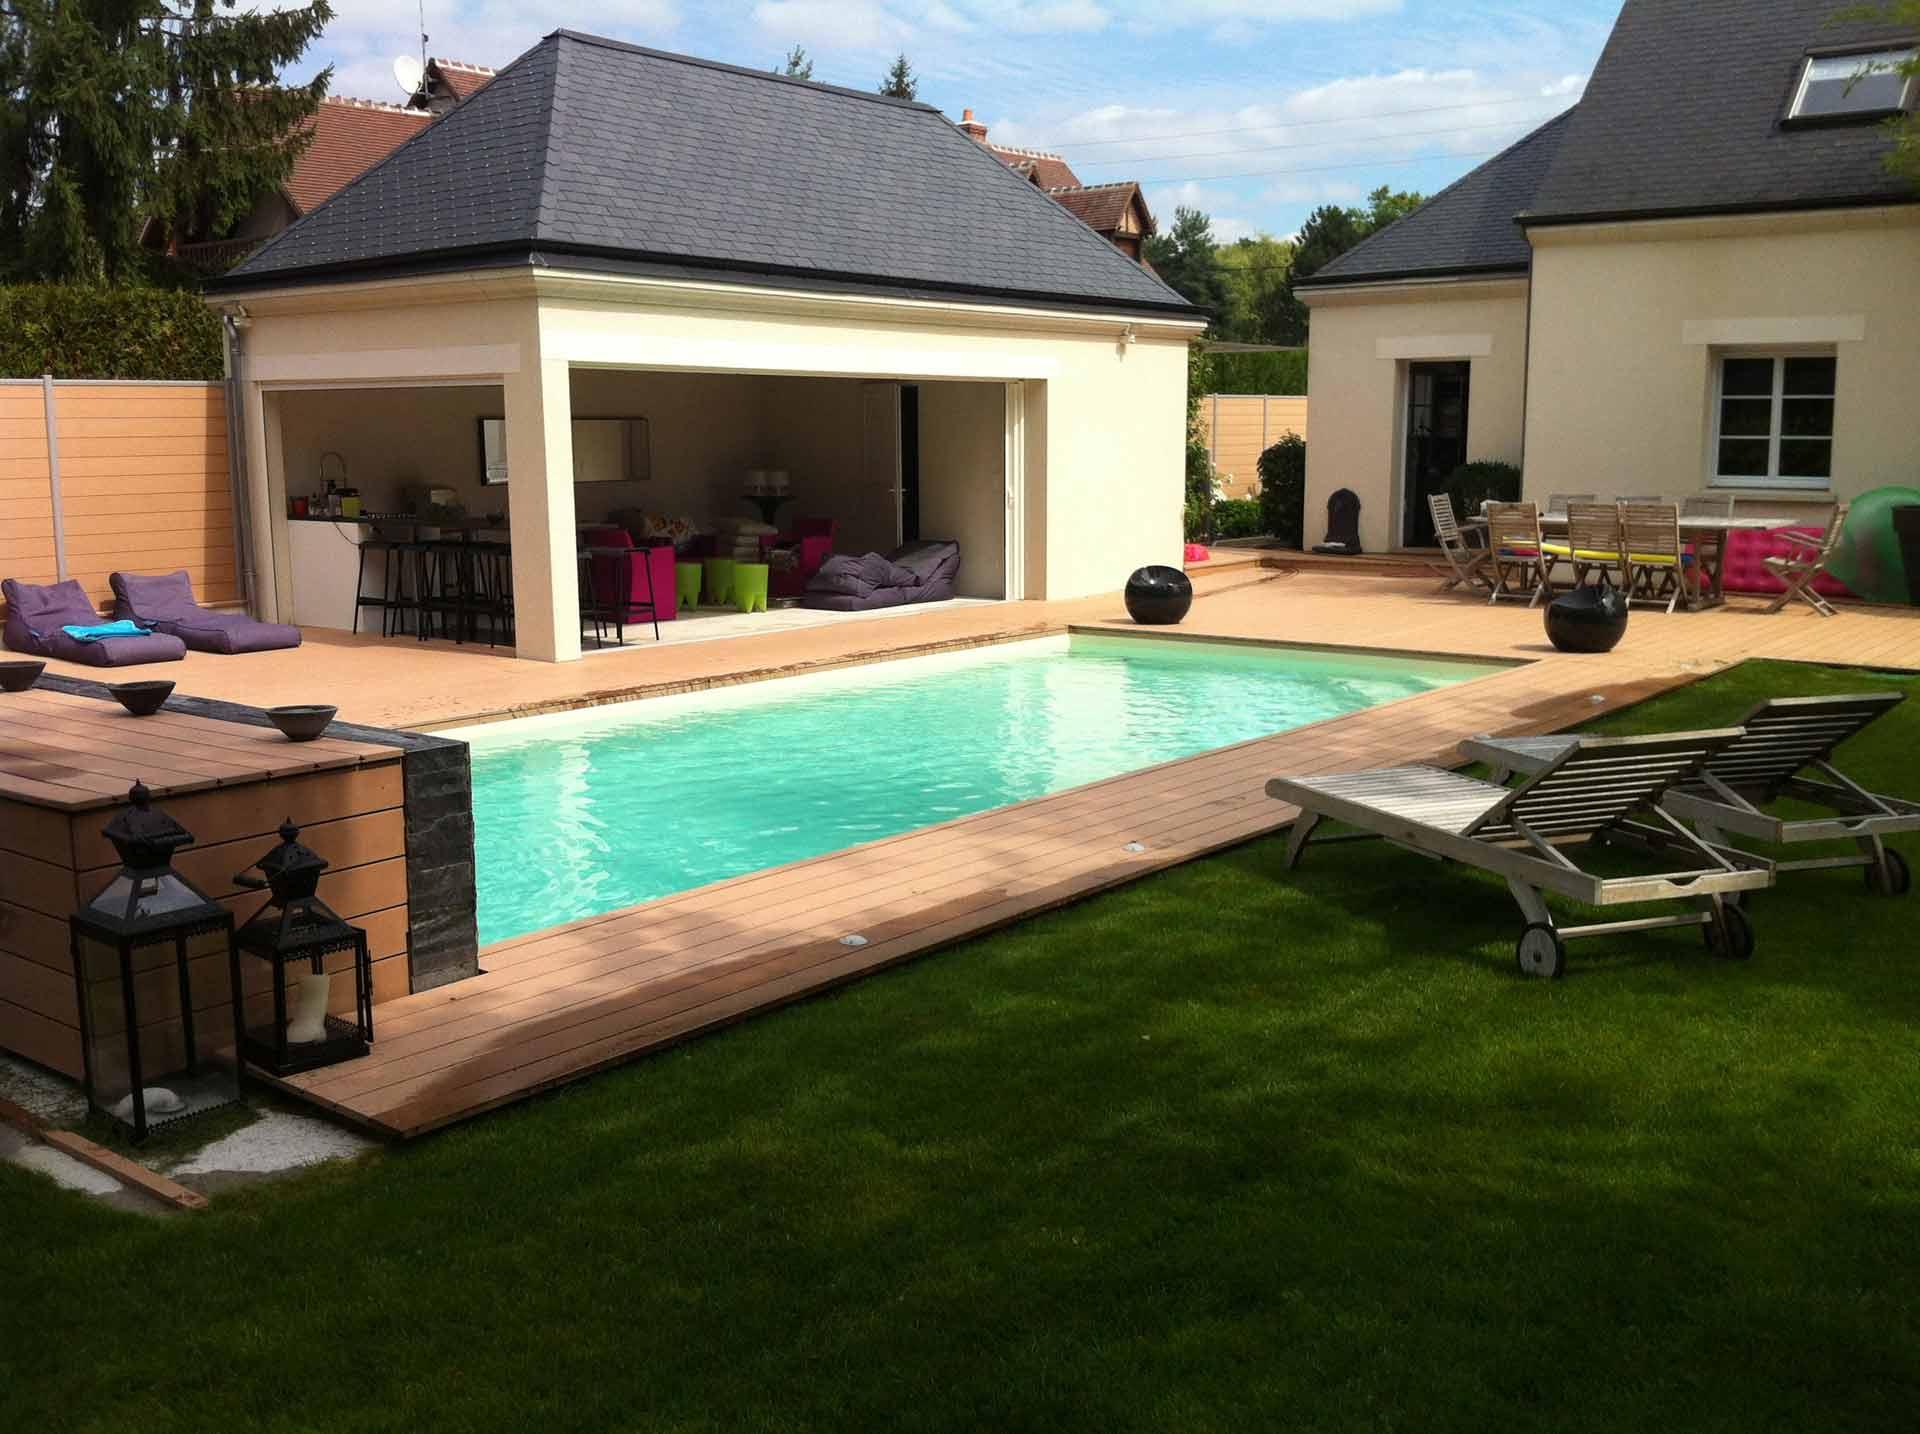 Tradi piscines conception de spas et saunas saint pryv saint mesmin - Piscine couverte maison orleans ...